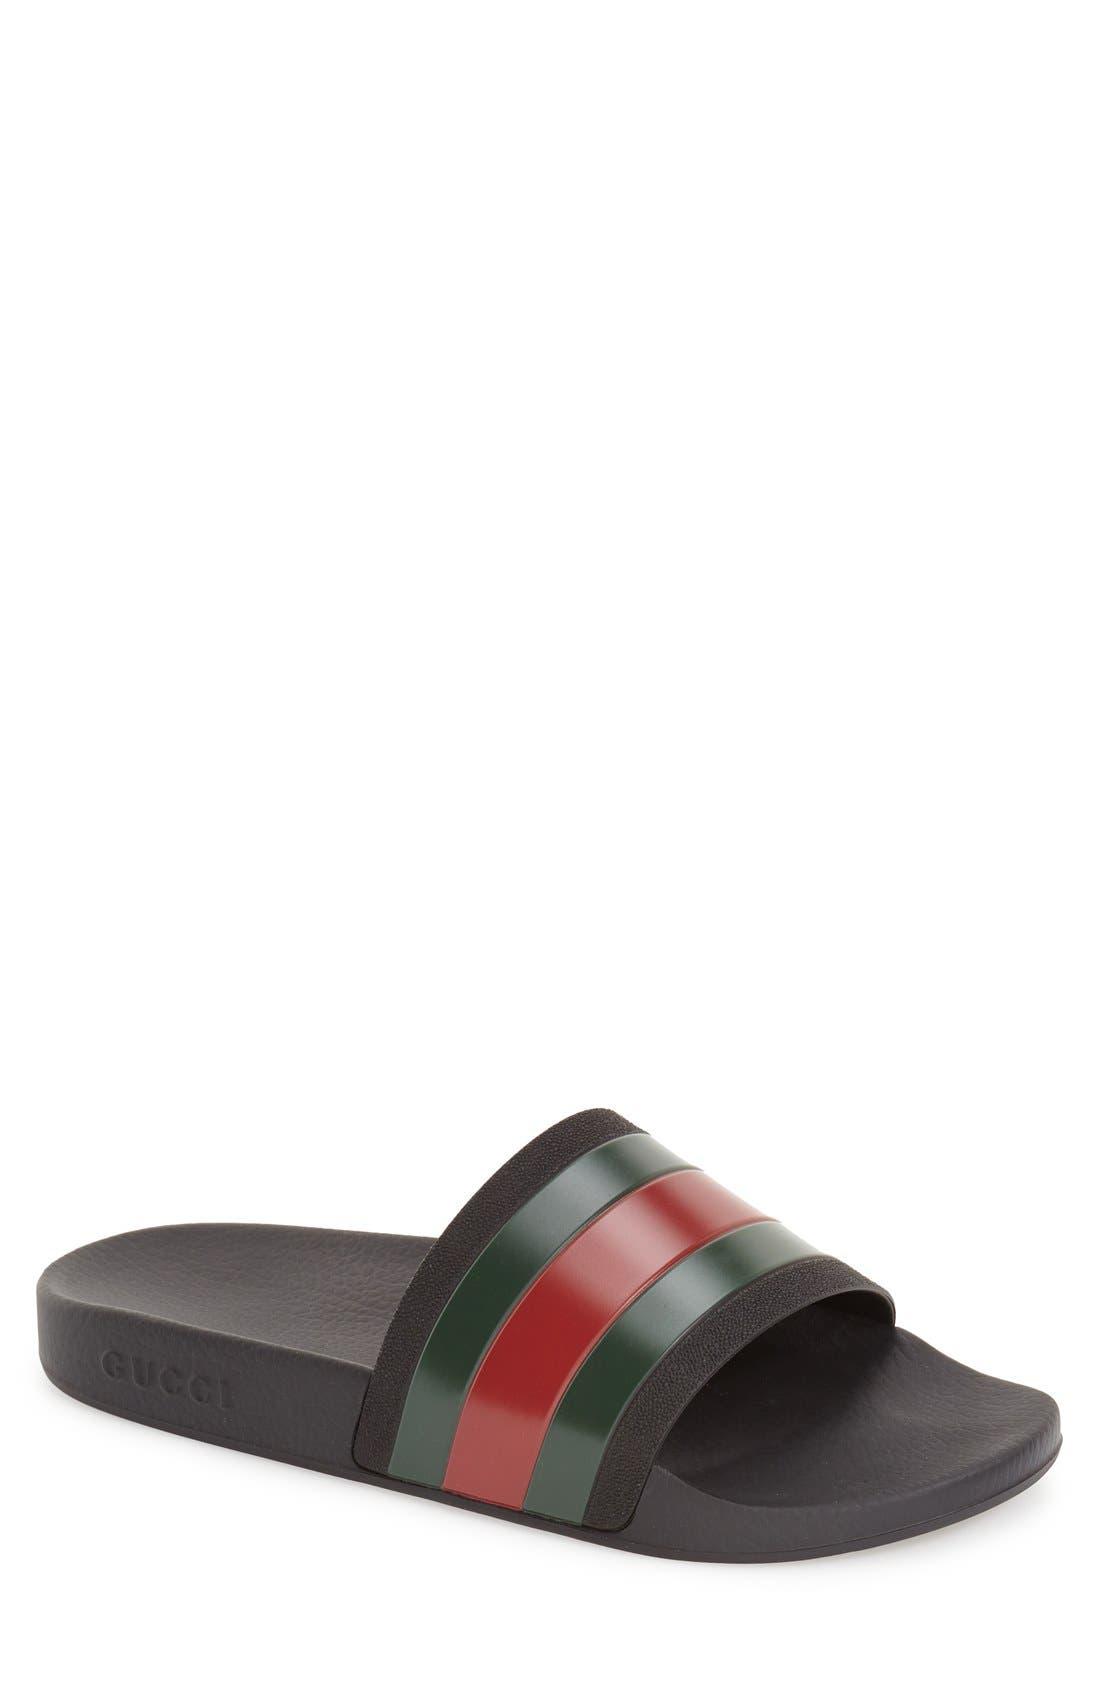 Pursuit Rubber Slide Sandal,                         Main,                         color, BLACK